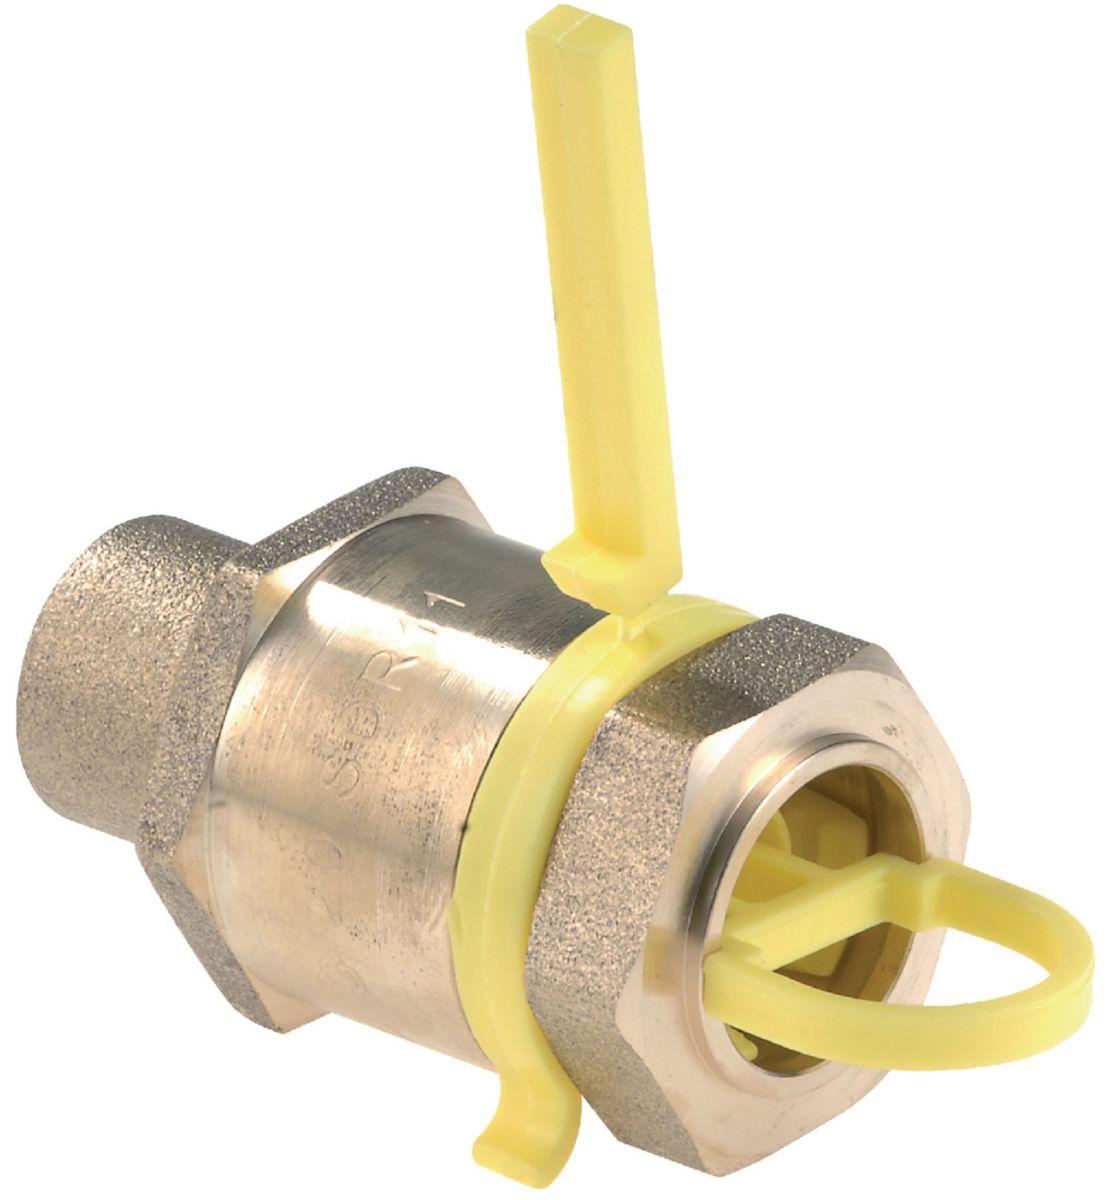 Raccord droit RC-1P-PEHD-CU à serrage mécanique pour PEHD à braser sur tube cuivre D18 calibre 15 Réf CD02067